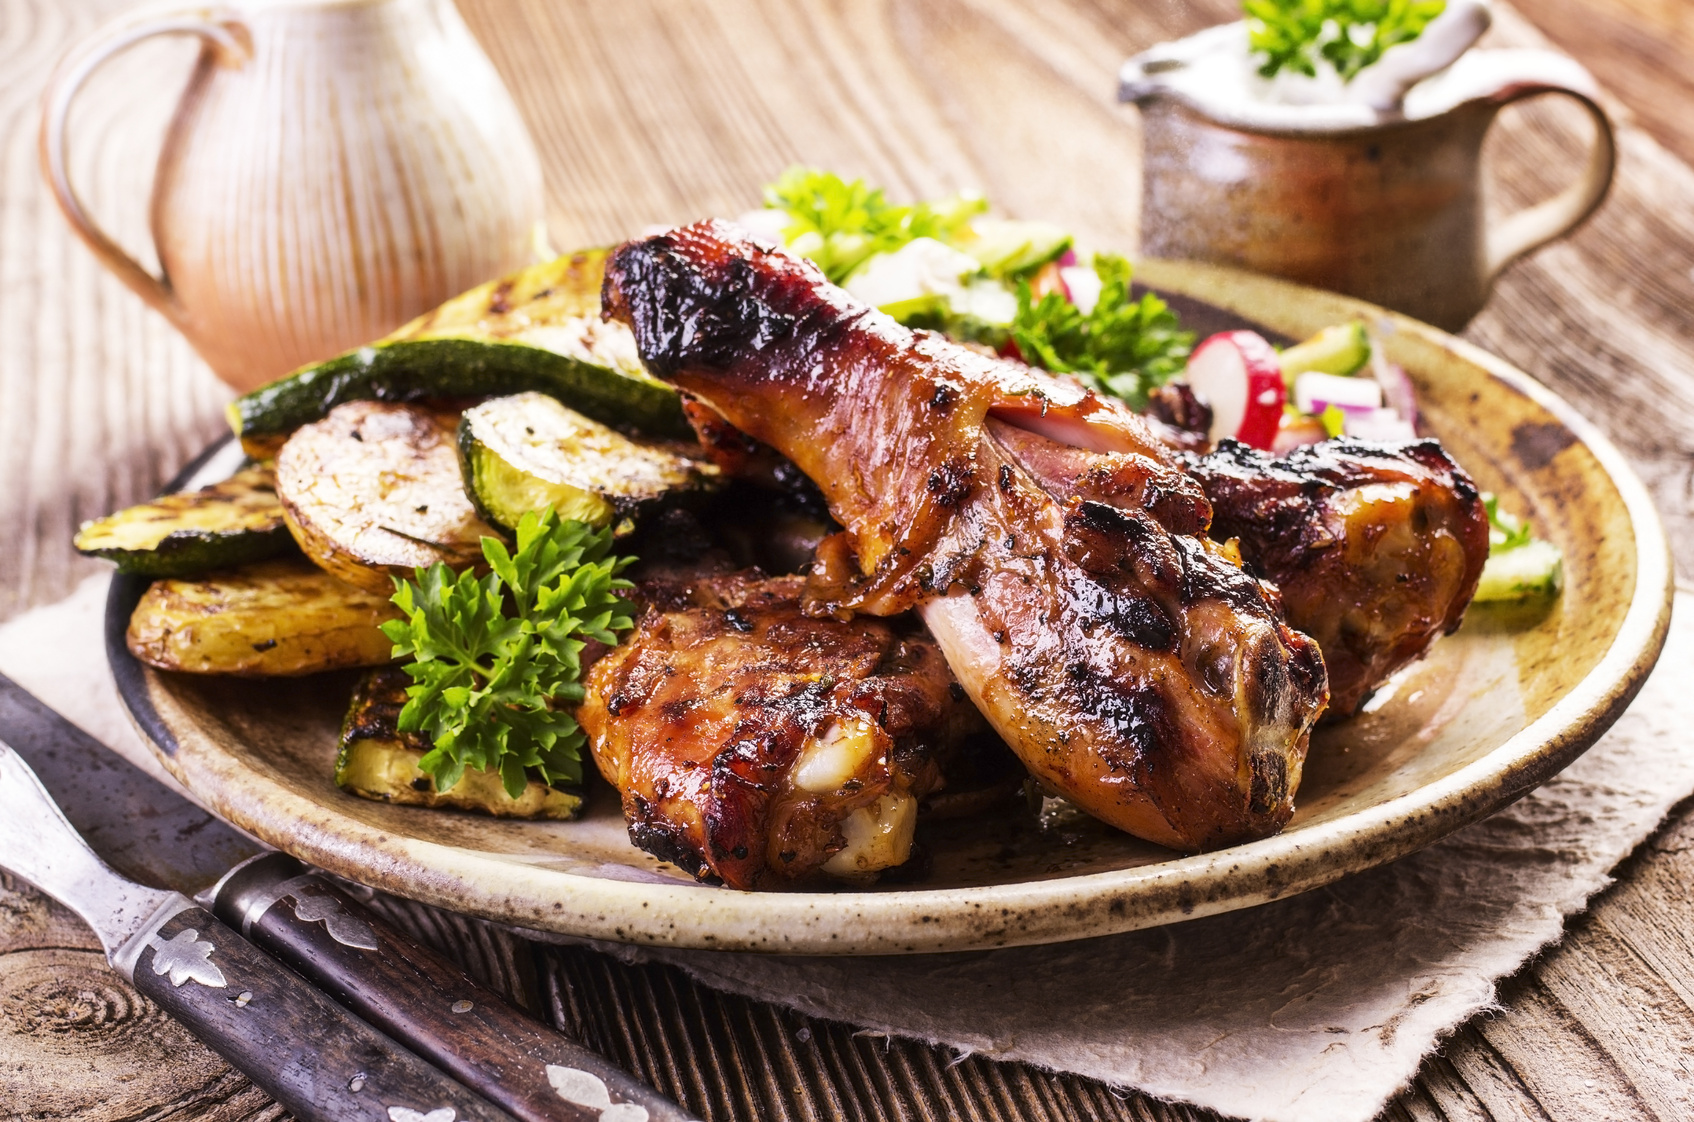 HÄHNCHEN   Öl mit BACKOFEN Gourmetsalz Curry und/oder Orange-Rosmarin vermischen und Hähnchen damit einreiben. Bei 180 °C für ca. 30–45 min mit Gemüsescheiben in den Ofen.